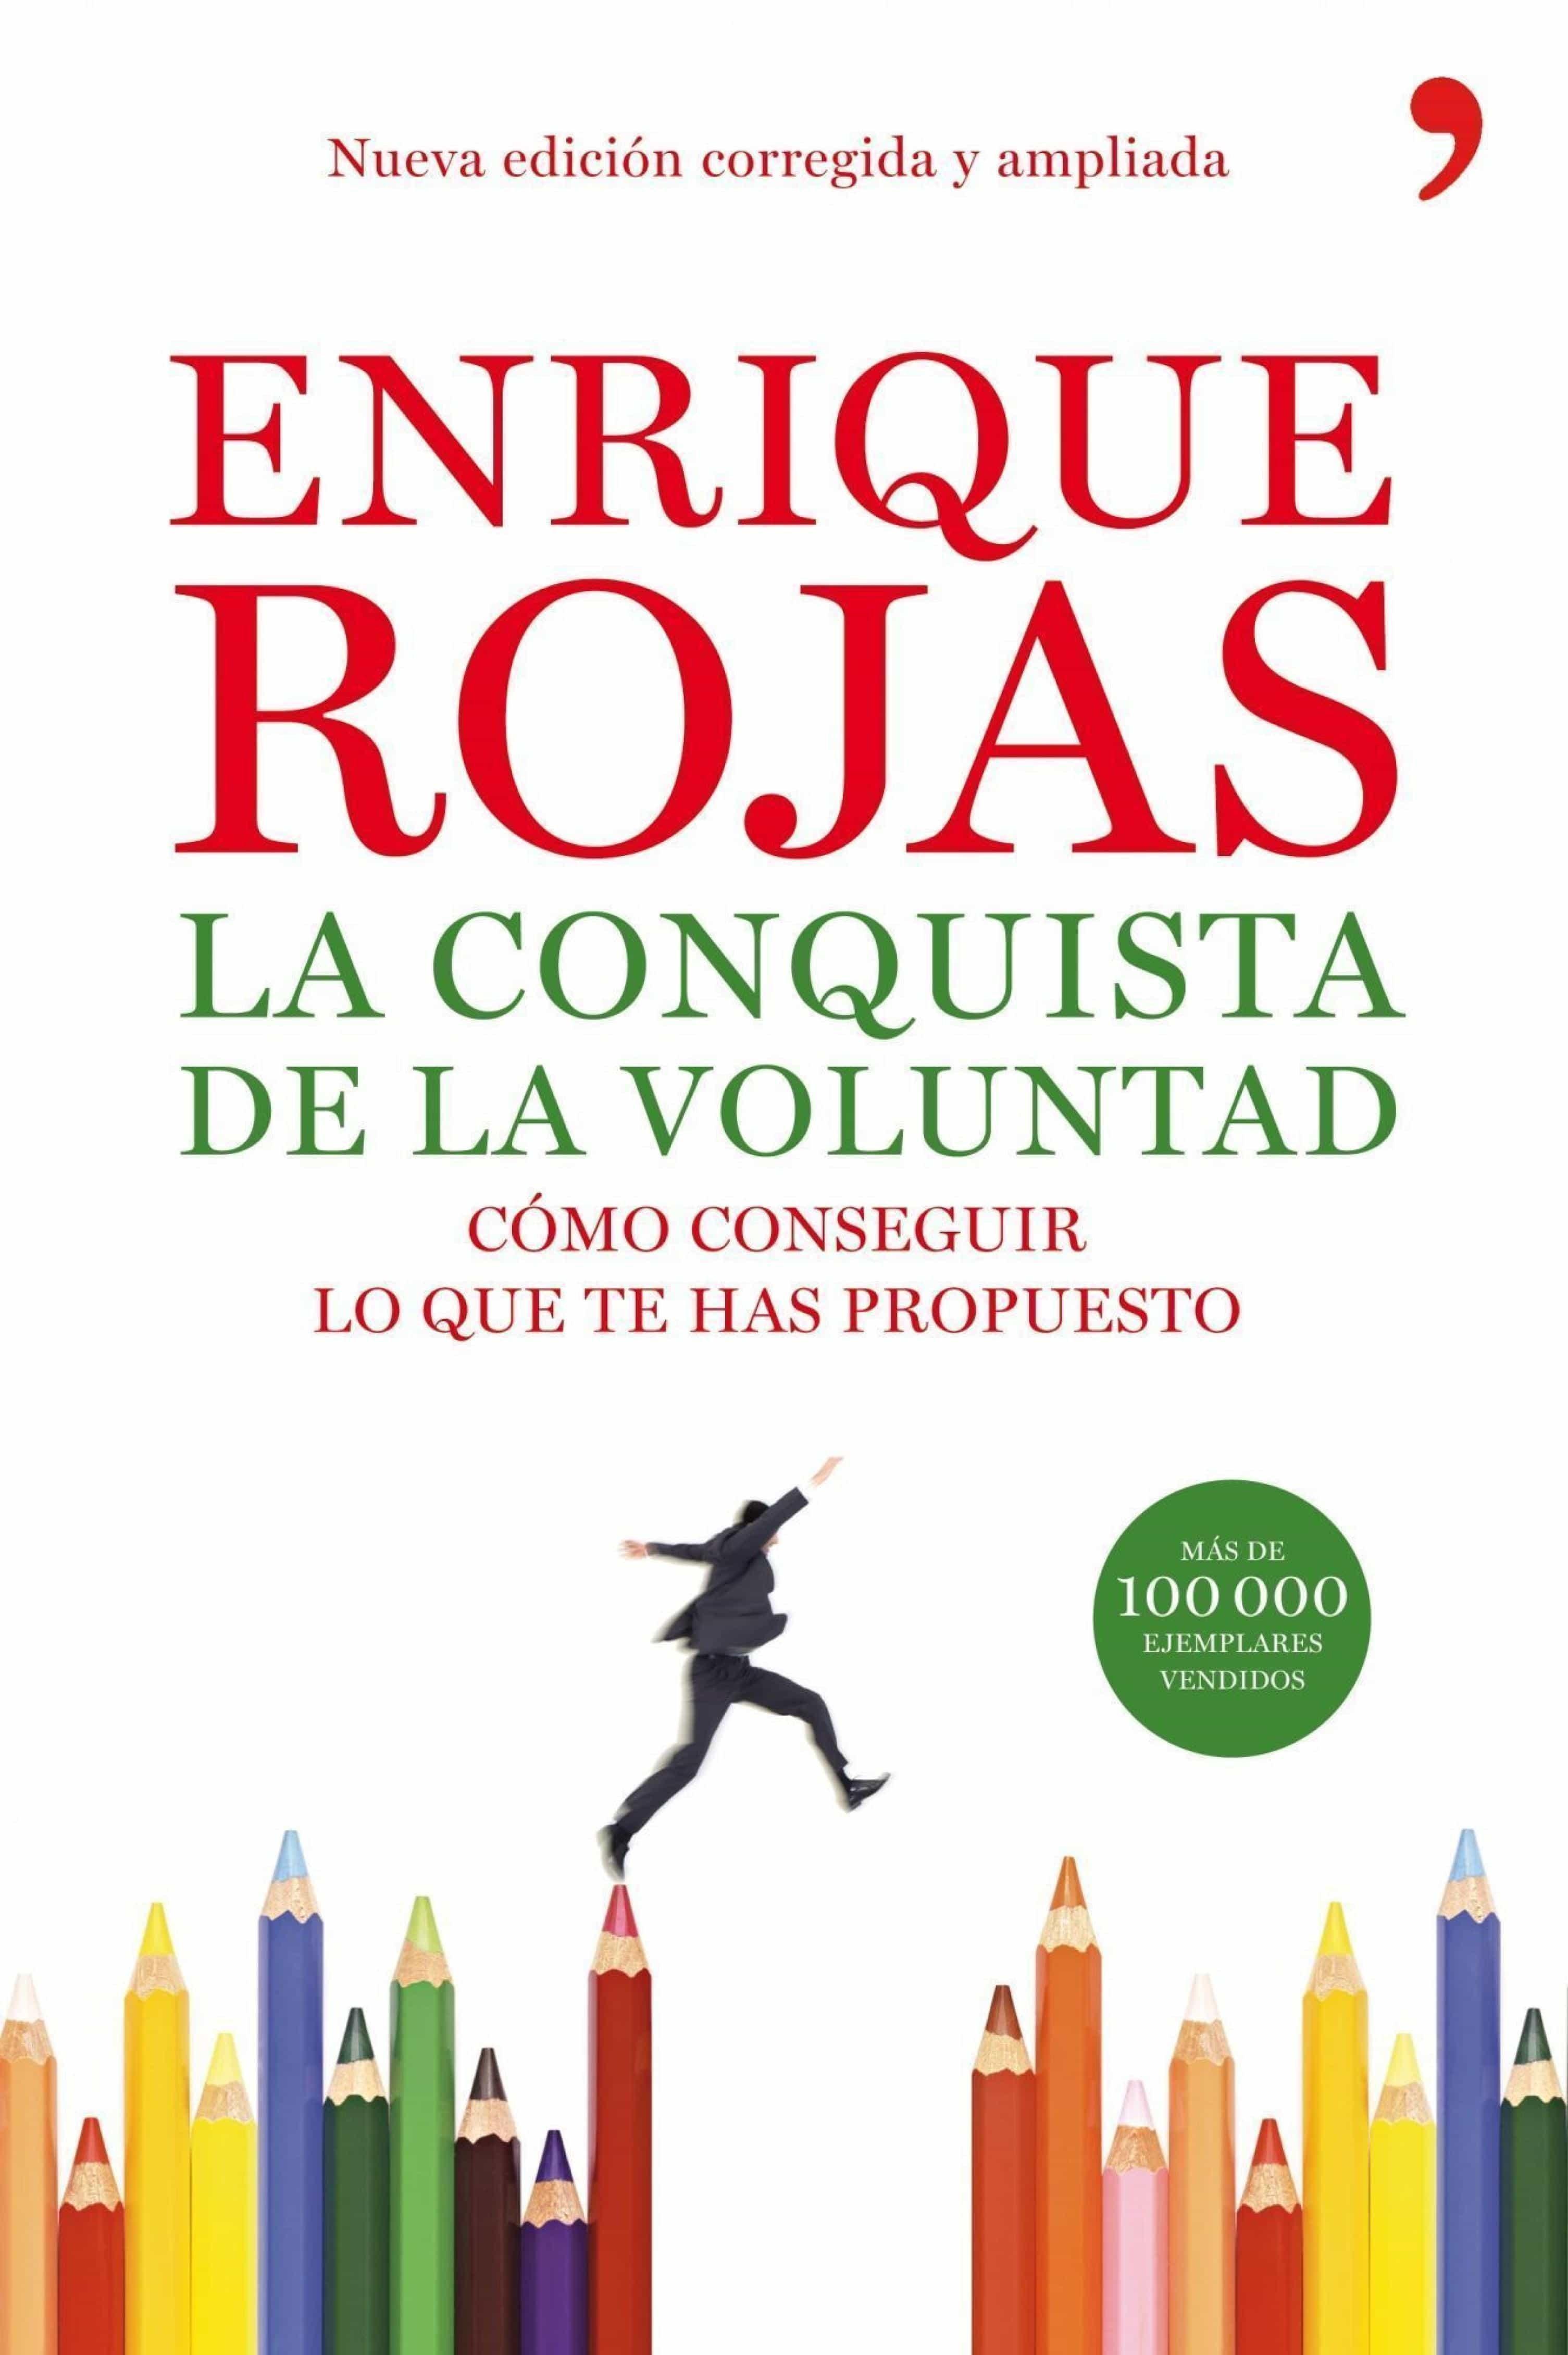 La conquista de la voluntad ebook enrique rojas 9788484609117